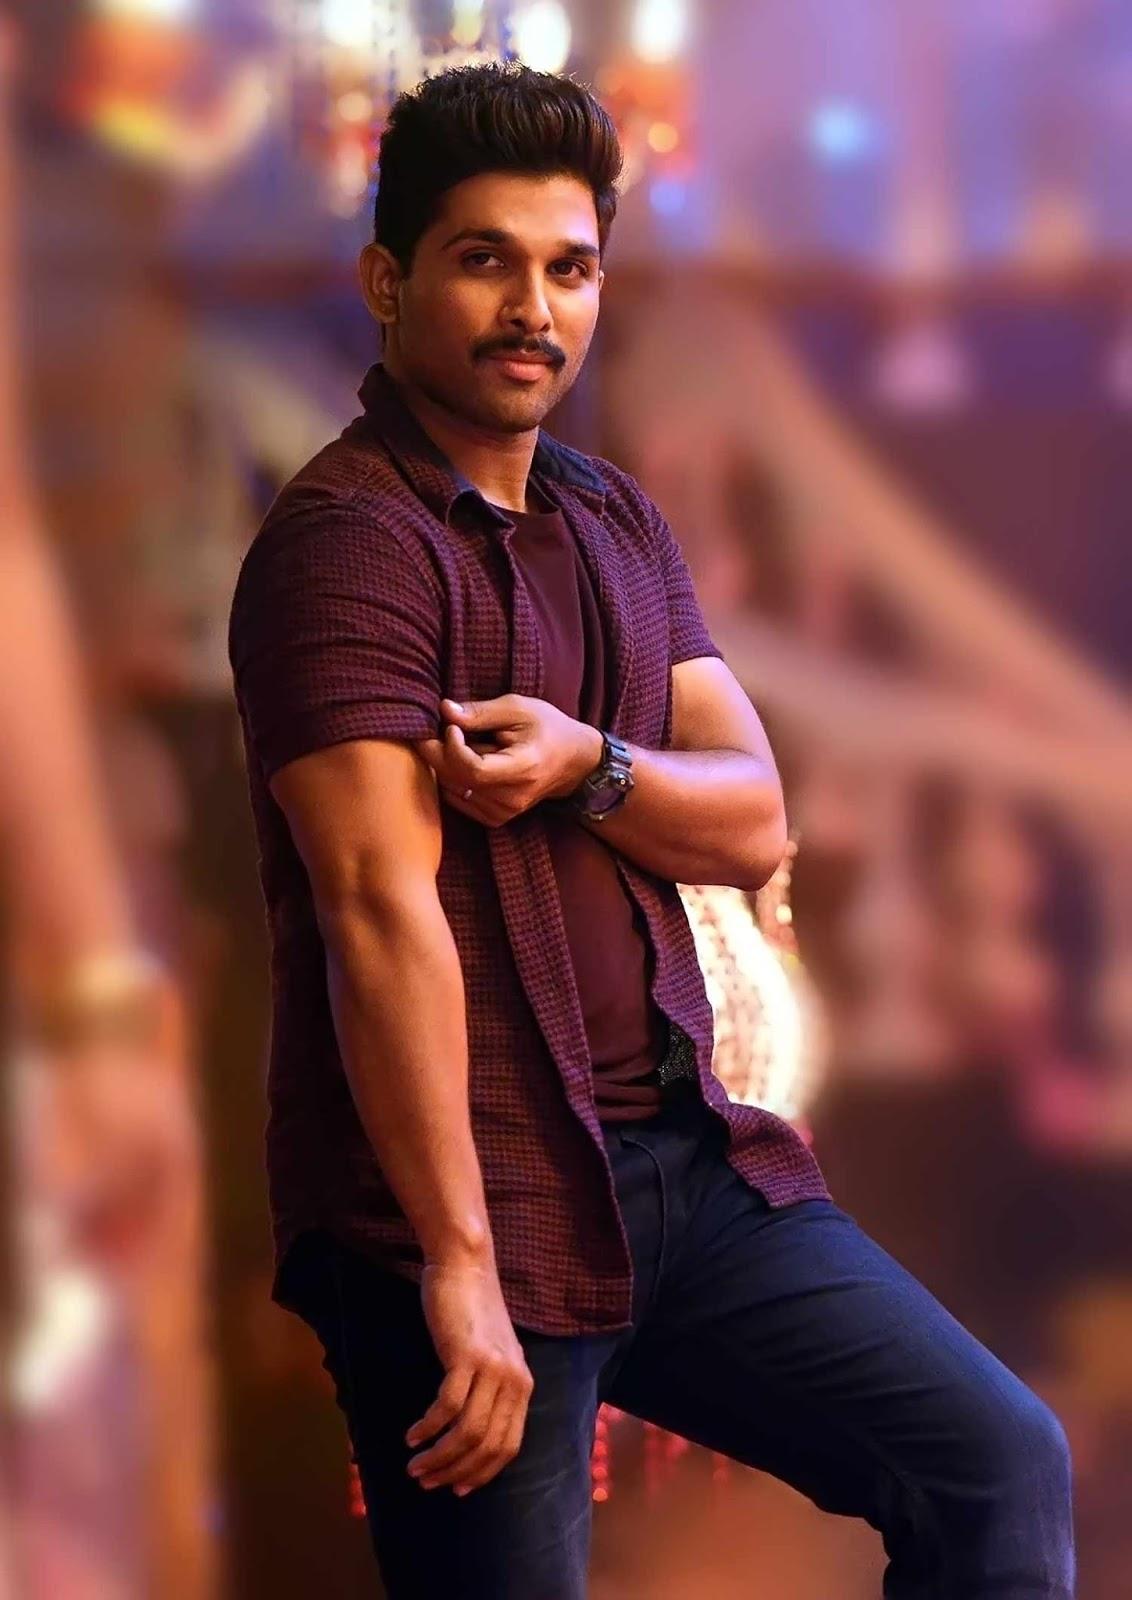 Telugu hero allu arjun photos full hd wallpapers - Telugu hd wallpaper ...